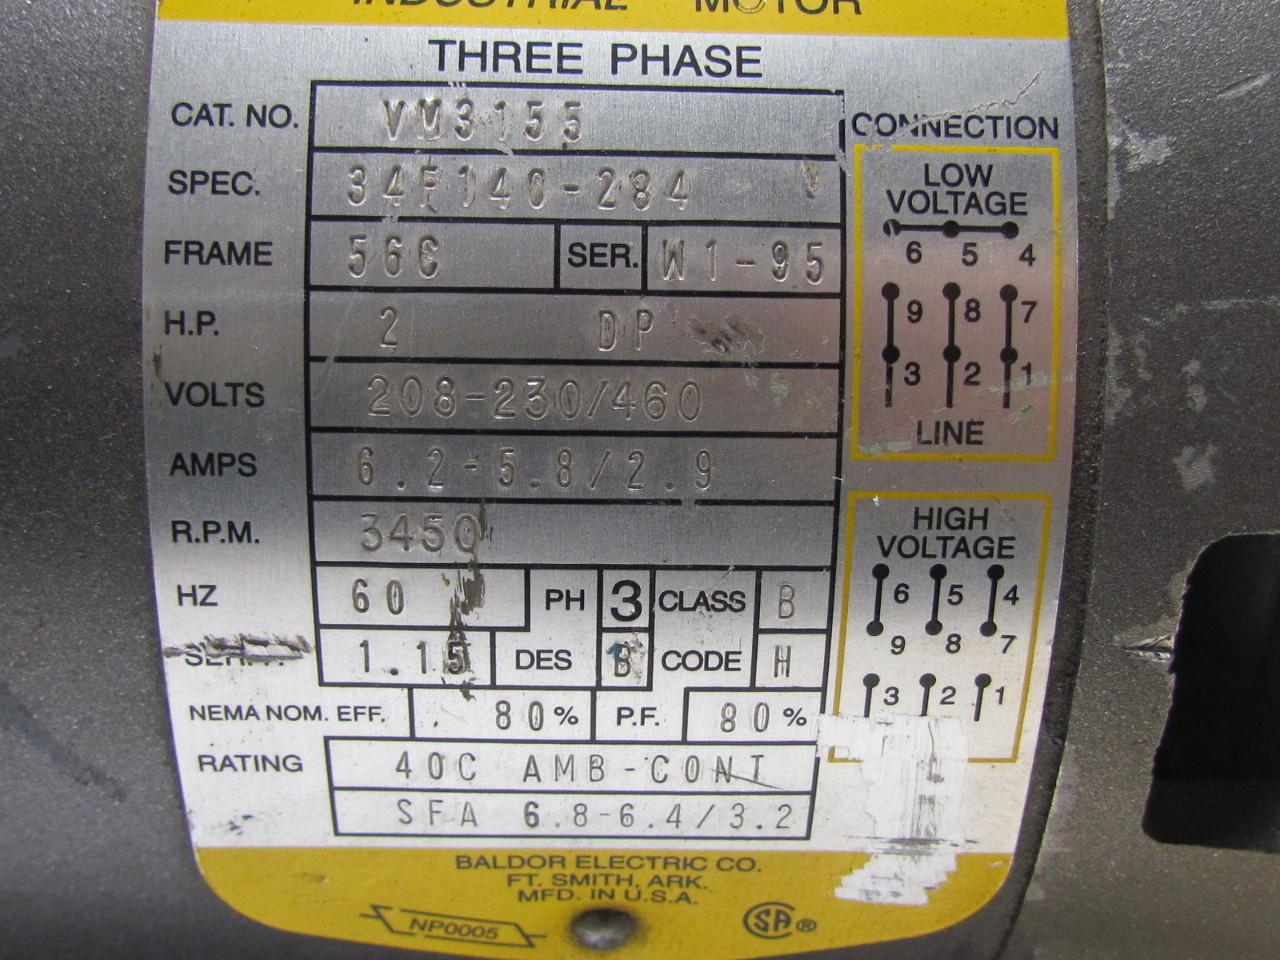 51768 baldor vm3155 34f140 284 3 phase ac electric motor 2hp 3450 rpm 208 230 460v 56c 10?resize=665%2C499 baldor motor 3 capacitor wiring diagram wiring diagram,Reliance Ac Motor Wiring Diagram